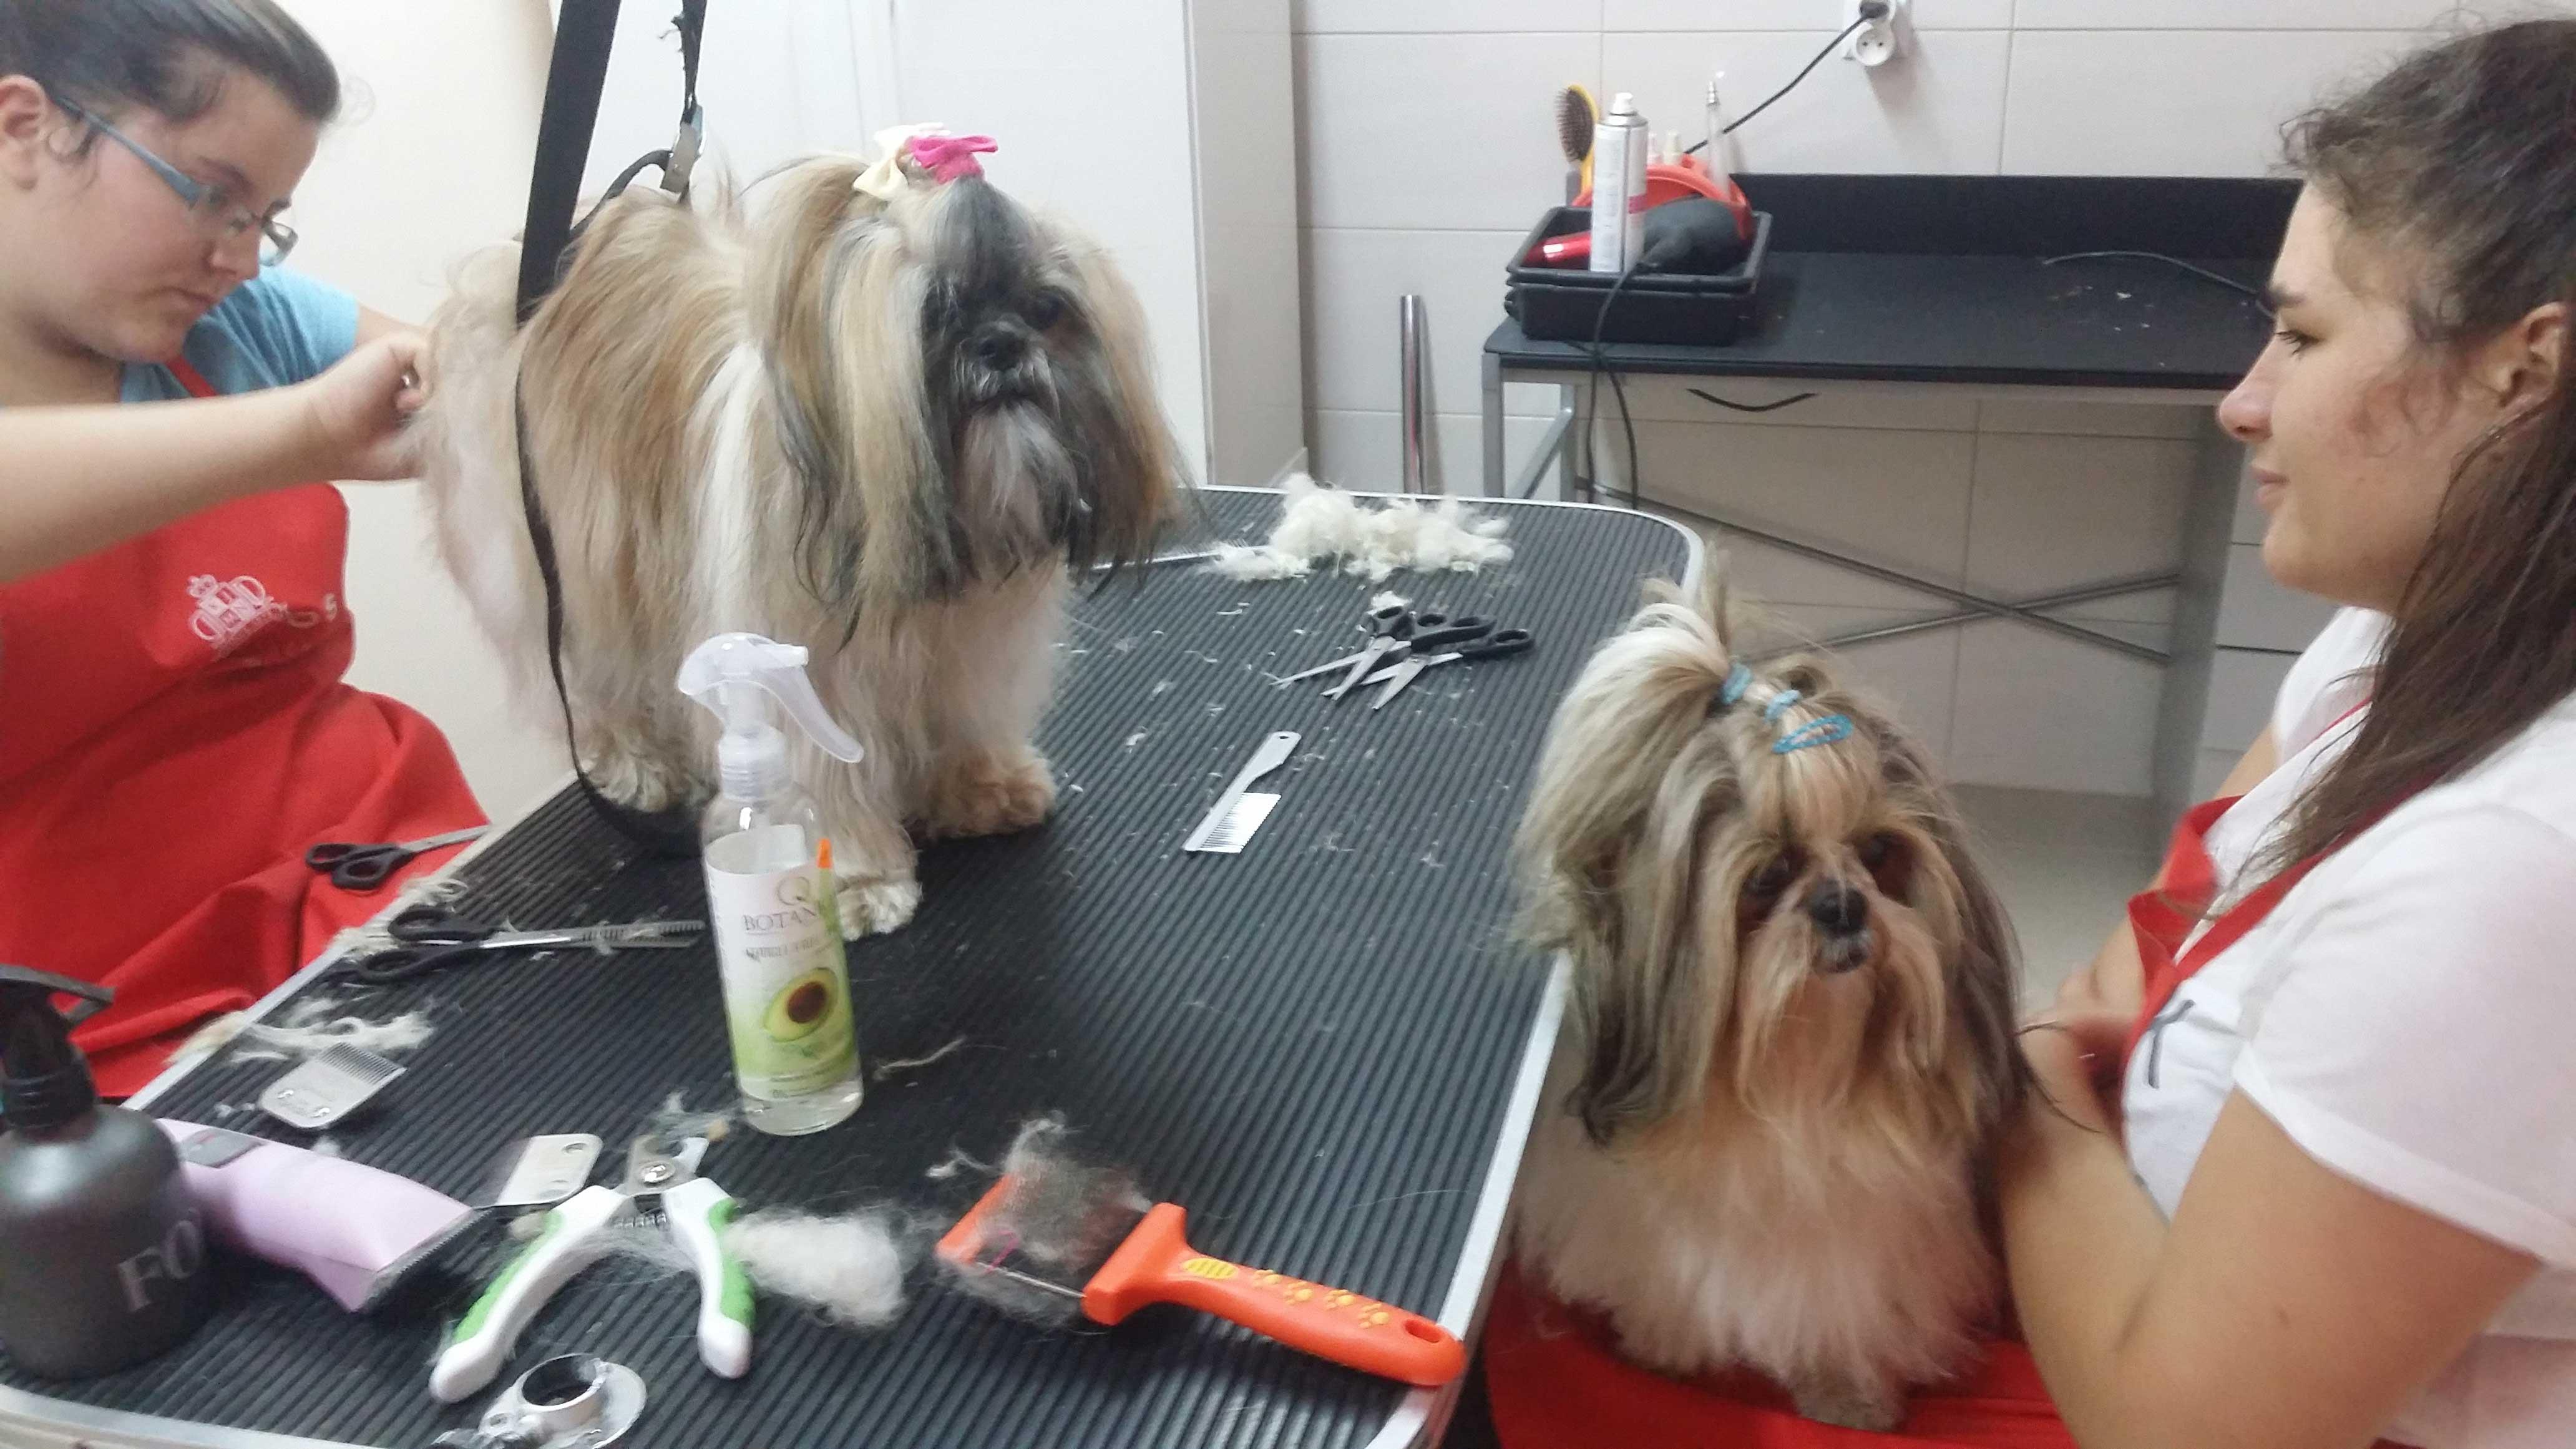 Strzyżenie-psów-i-kursy-groomerskie---Studio-Pupil-(7)